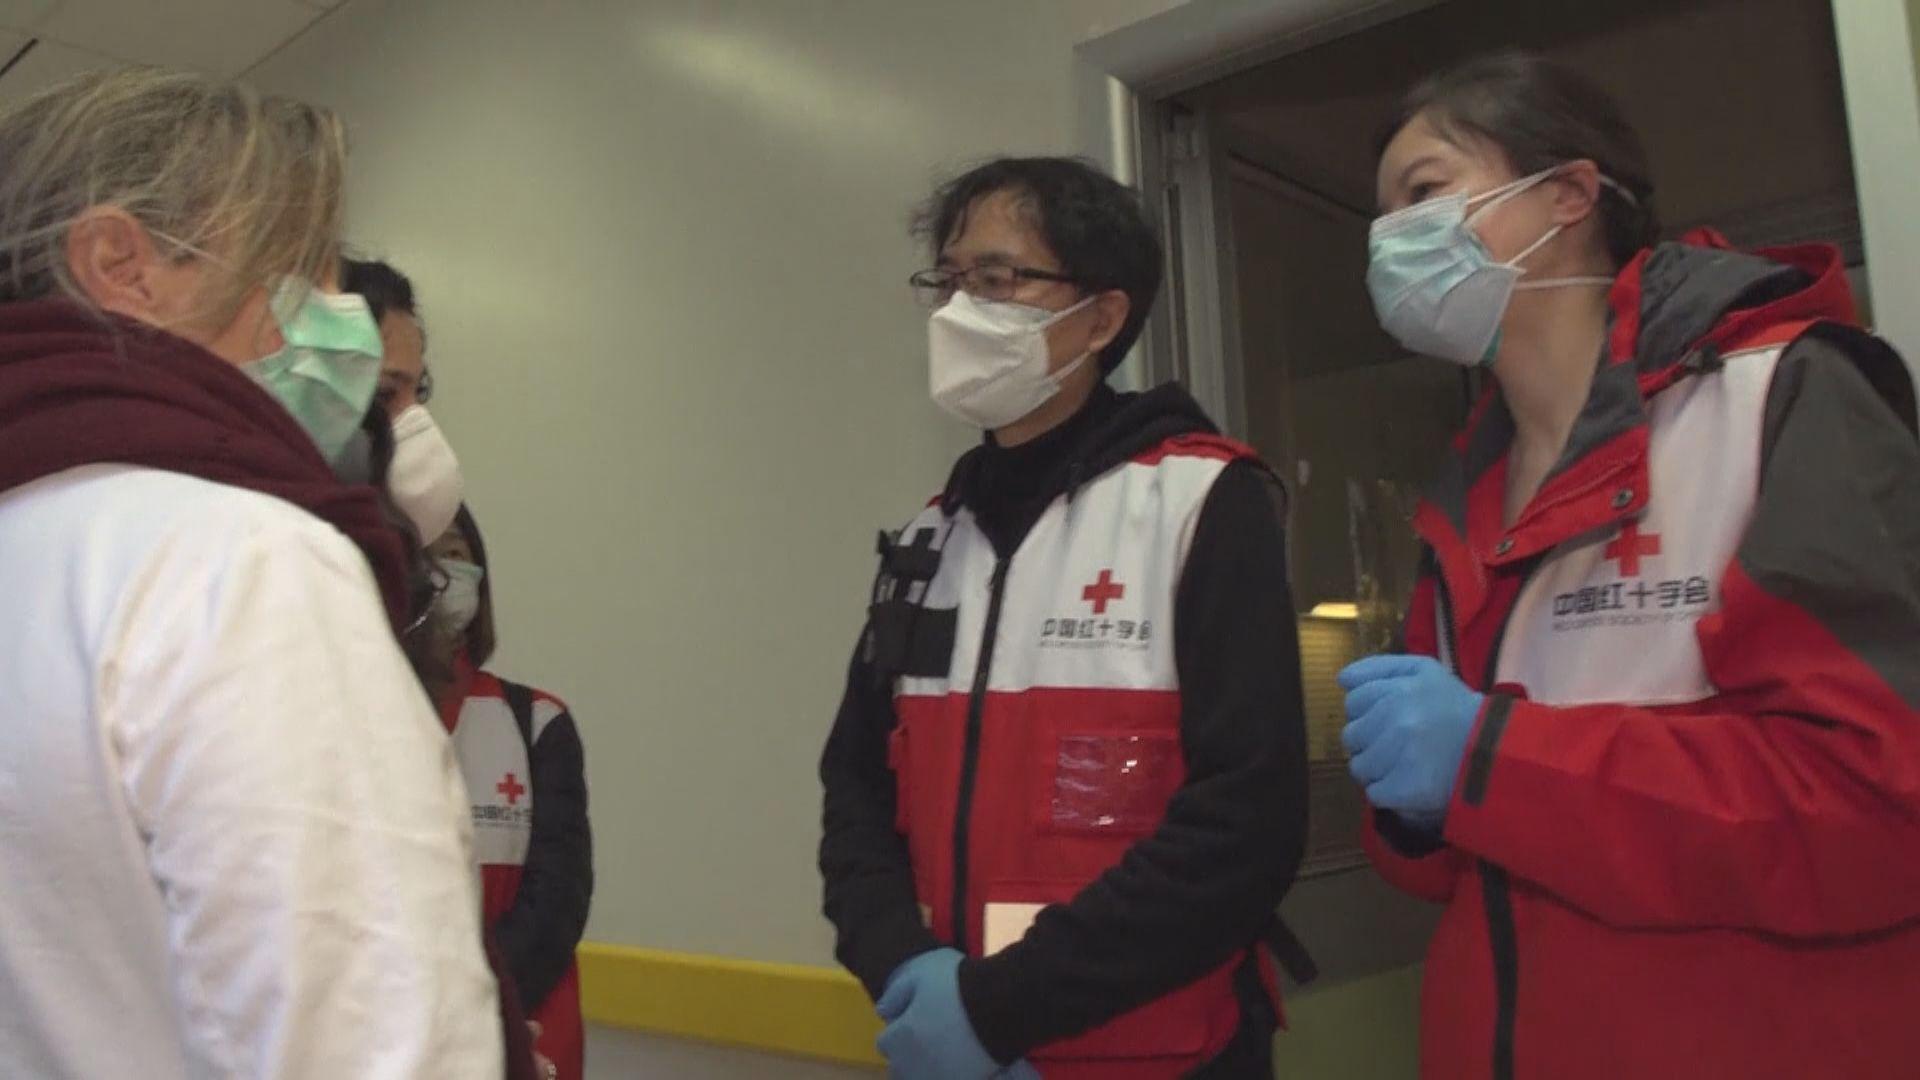 中國積極協助國際社會抗疫